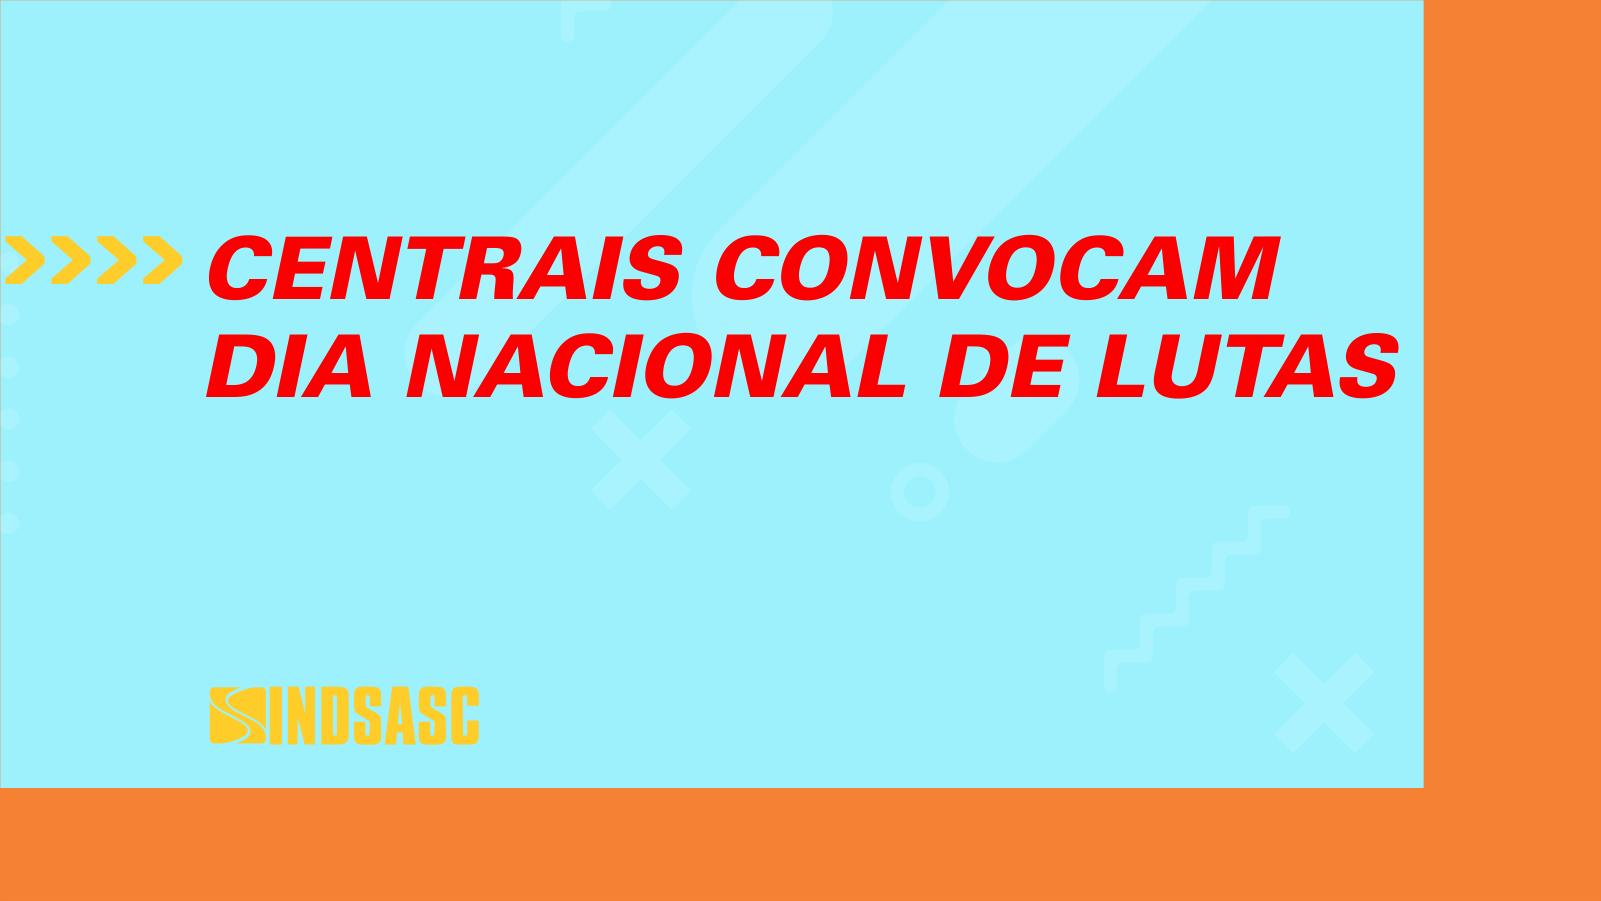 CENTRAIS CONVOCAM DIA NACIONAL DE LUTAS